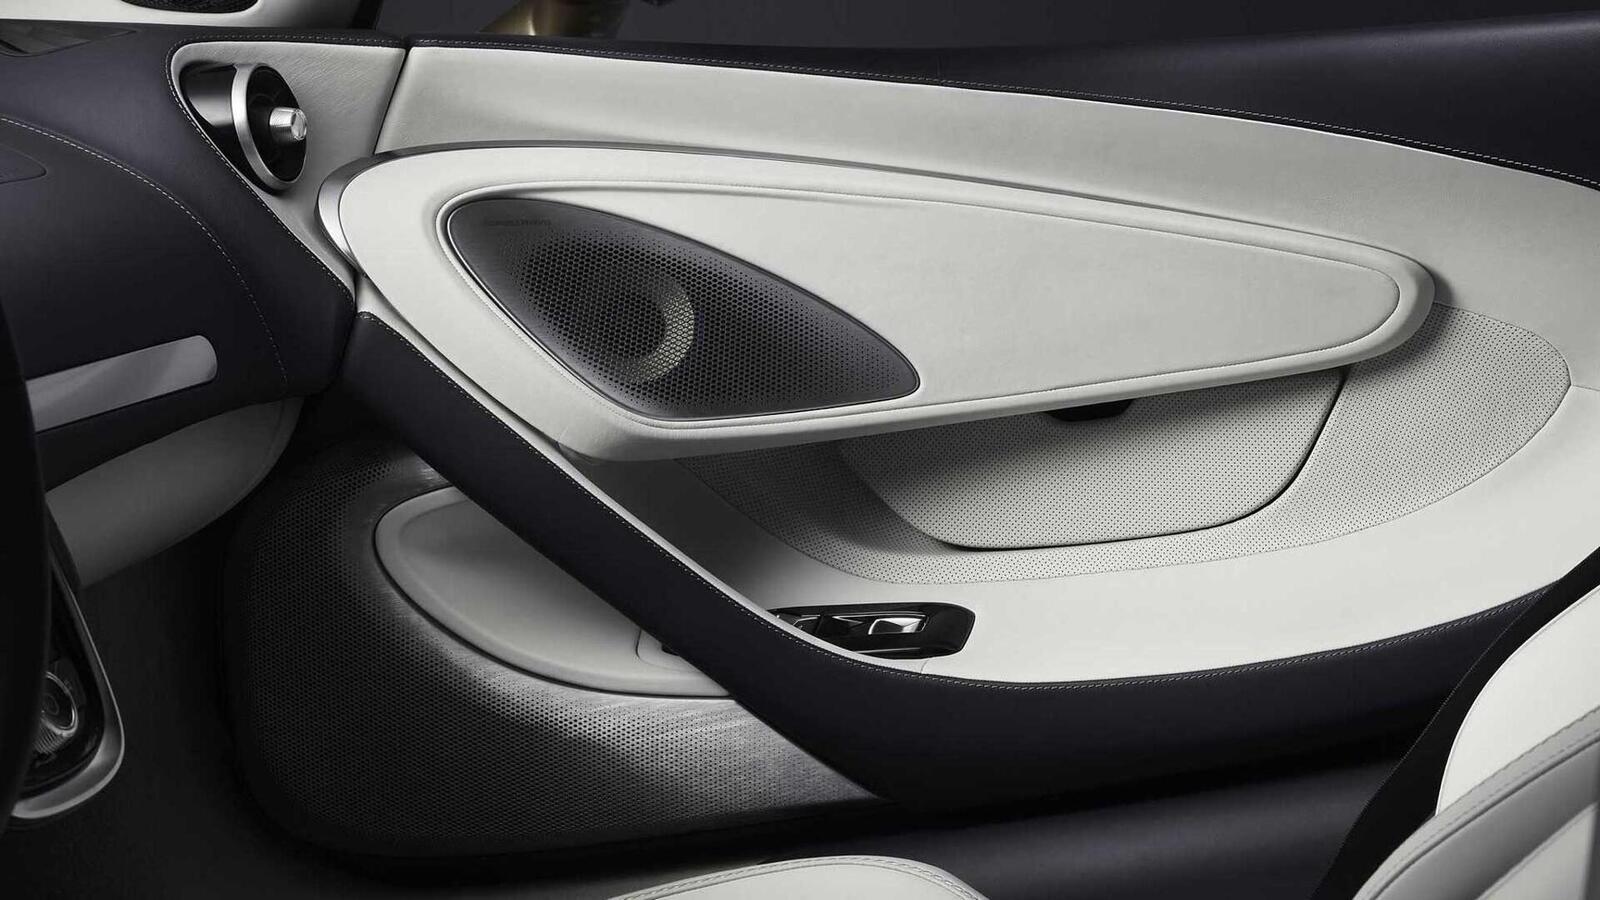 McLaren giới thiệu siêu xe GT 2020 hoàn toàn mới: Động cơ mạnh mẽ và cabin thoải mái - Hình 9